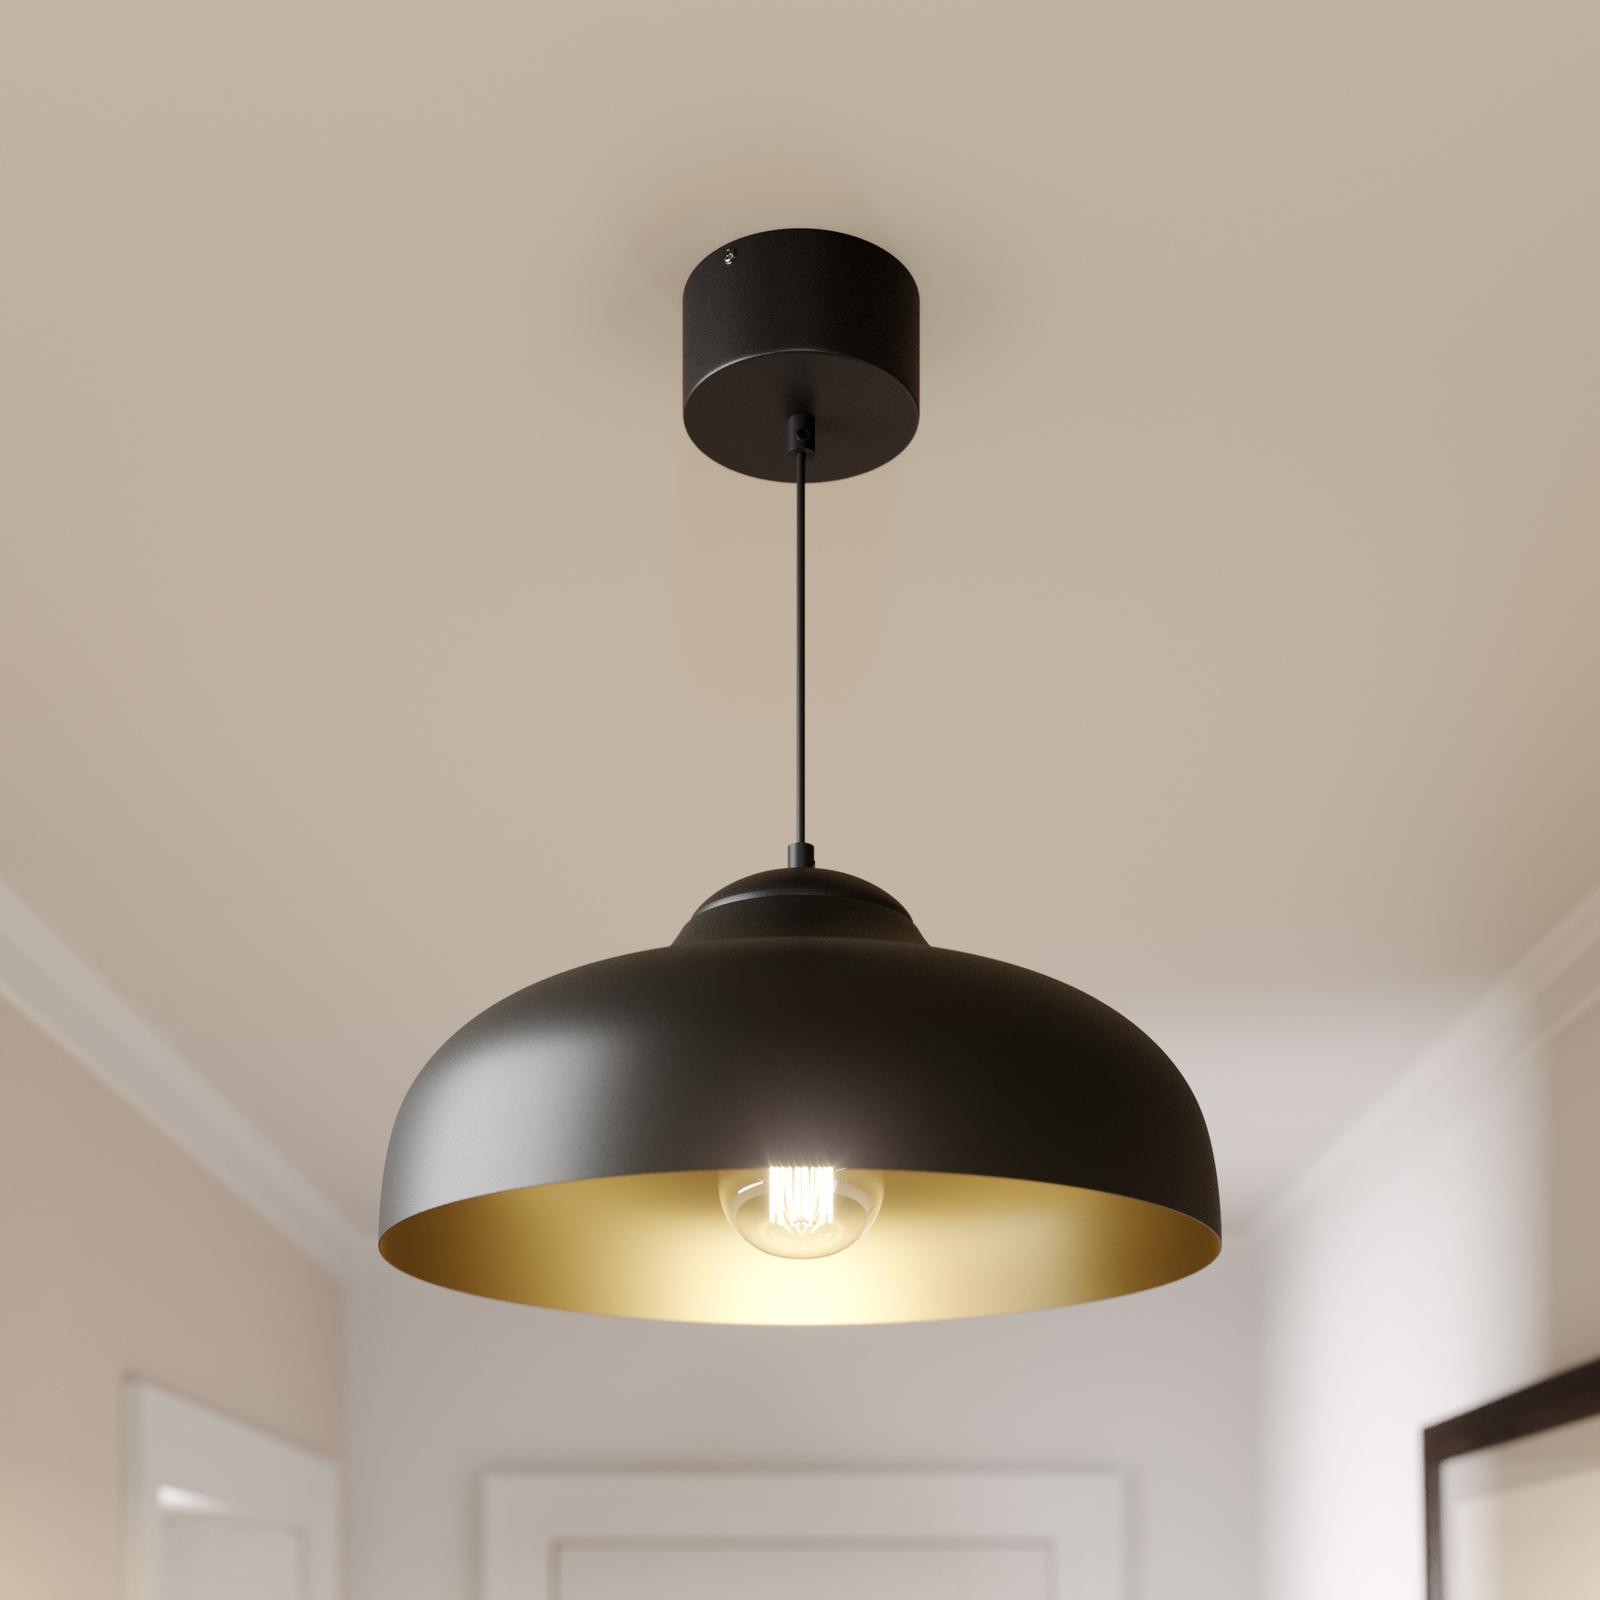 Lampa wisząca Basca, czarna, miedziana wewnątrz